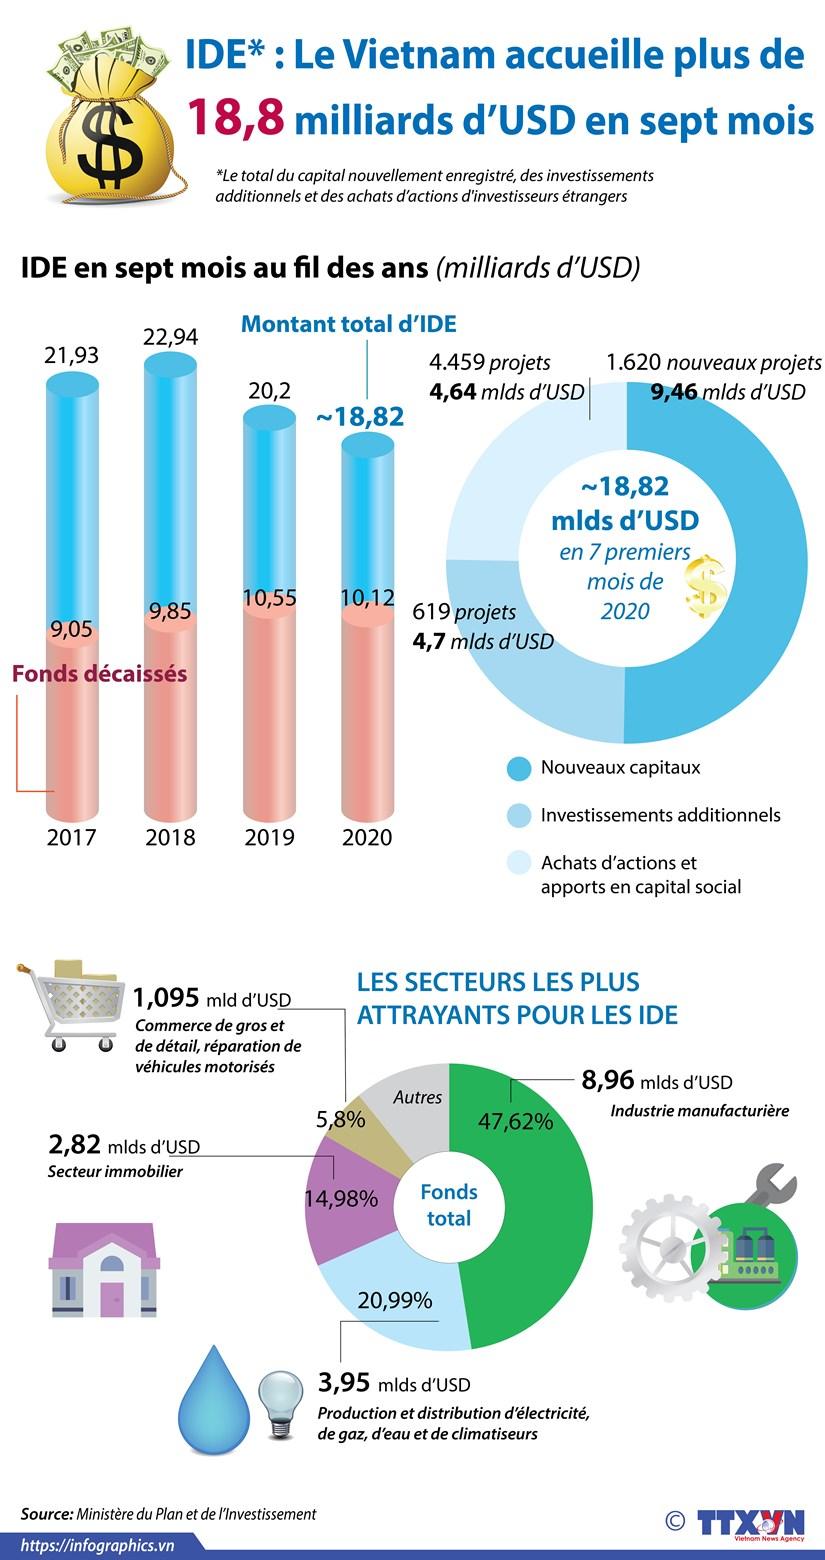 IDE : Le Vietnam accueille plus de 18,8 milliards d'USD en sept mois hinh anh 1